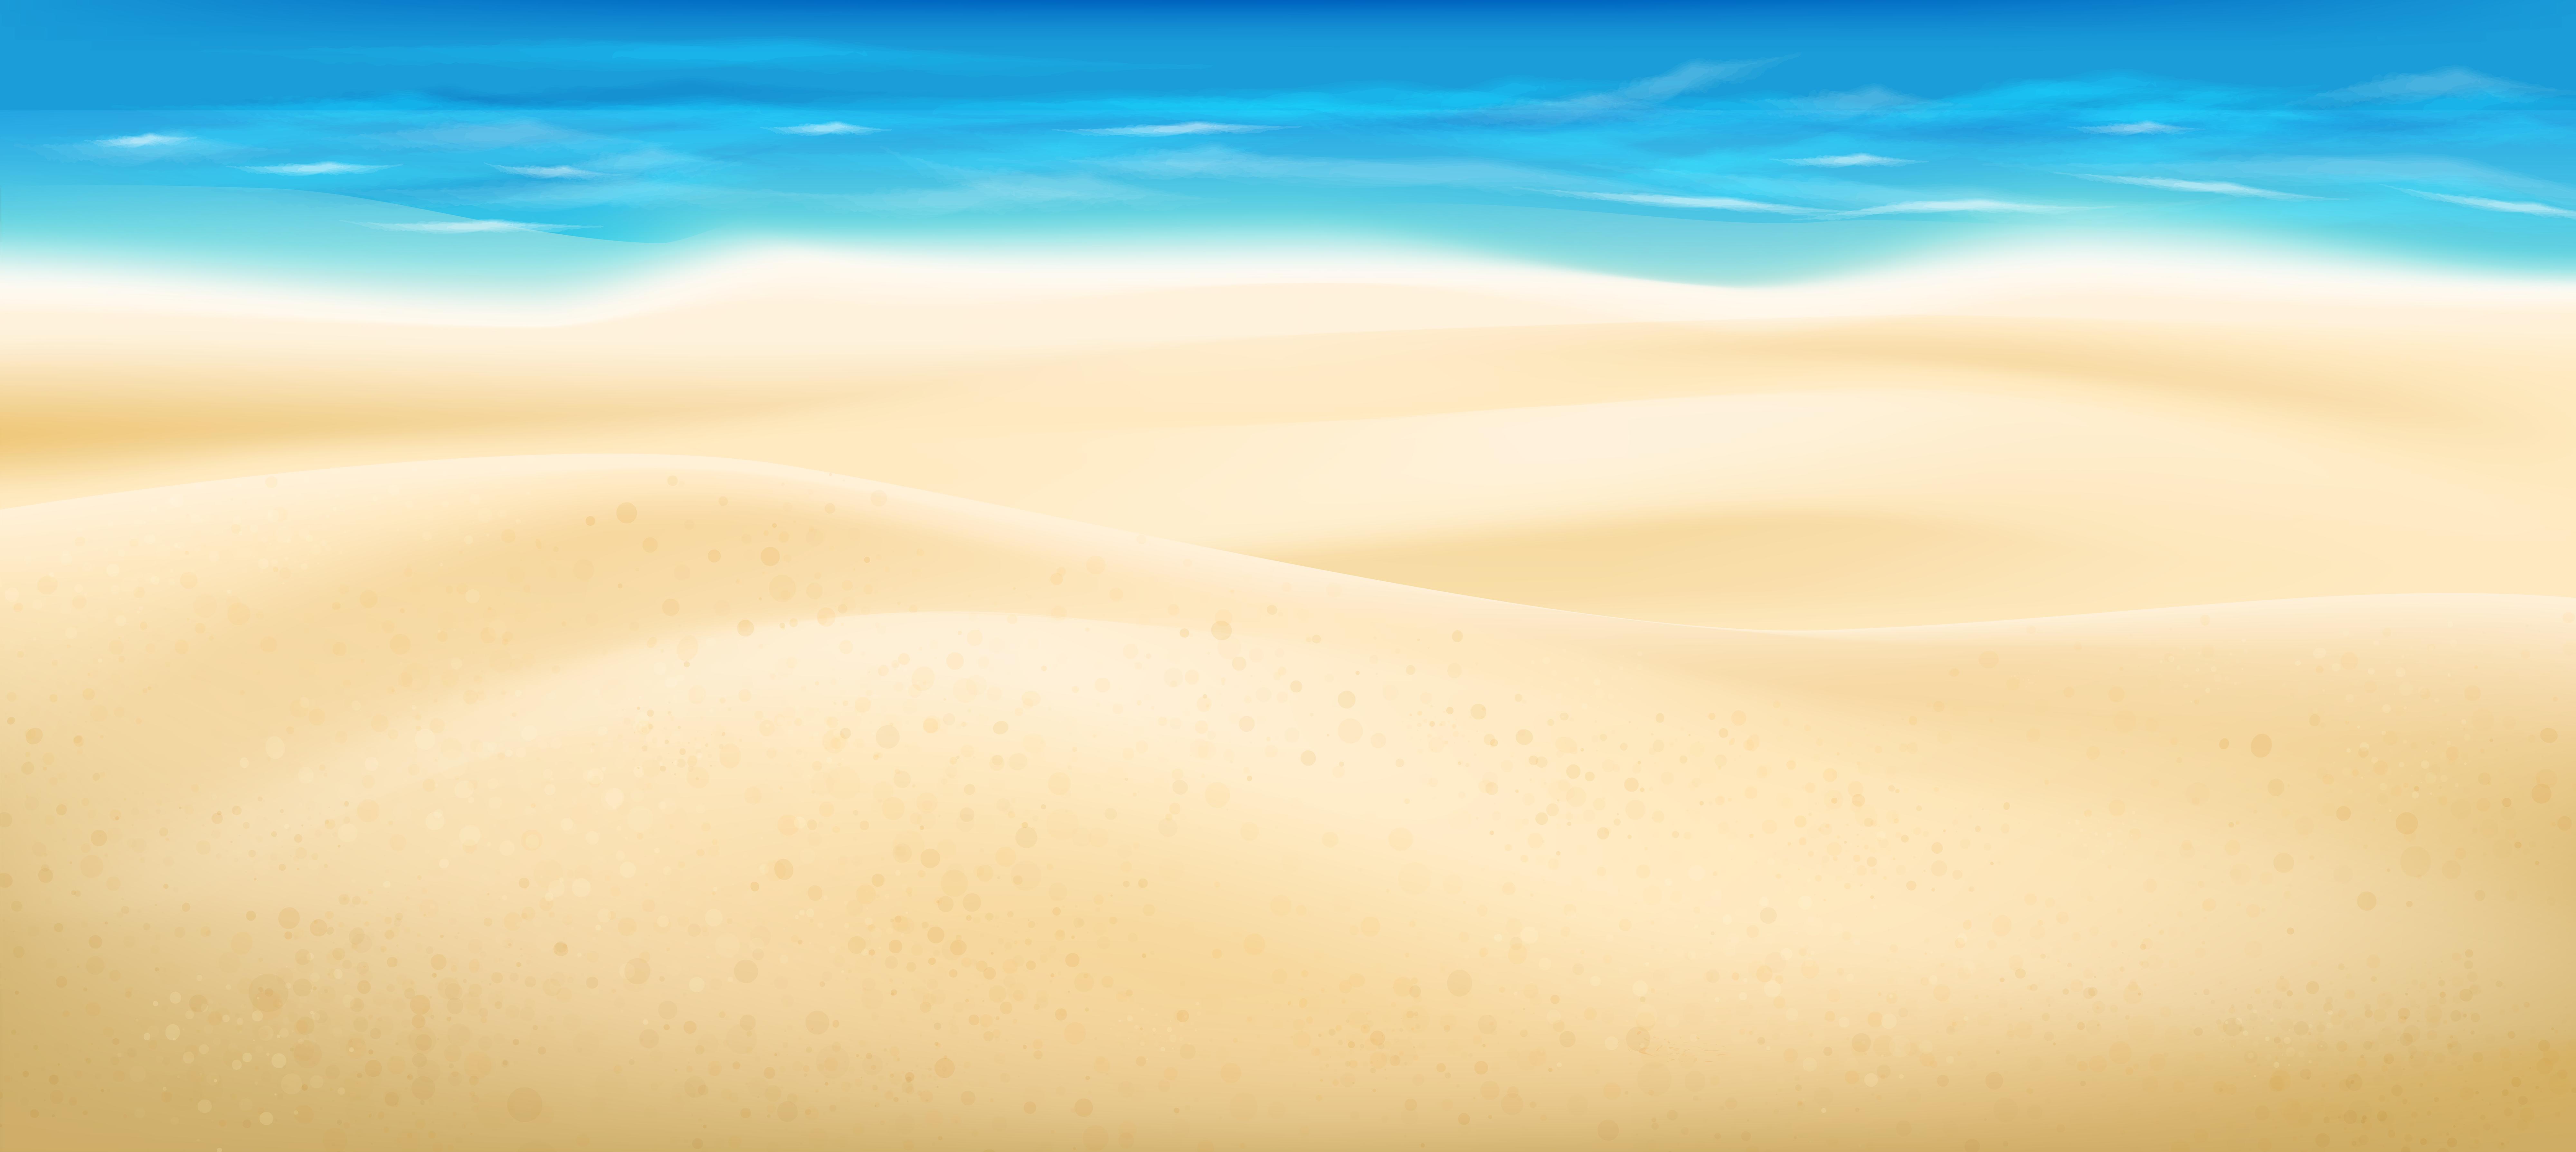 Sand Clipart & Sand Clip Art Images.